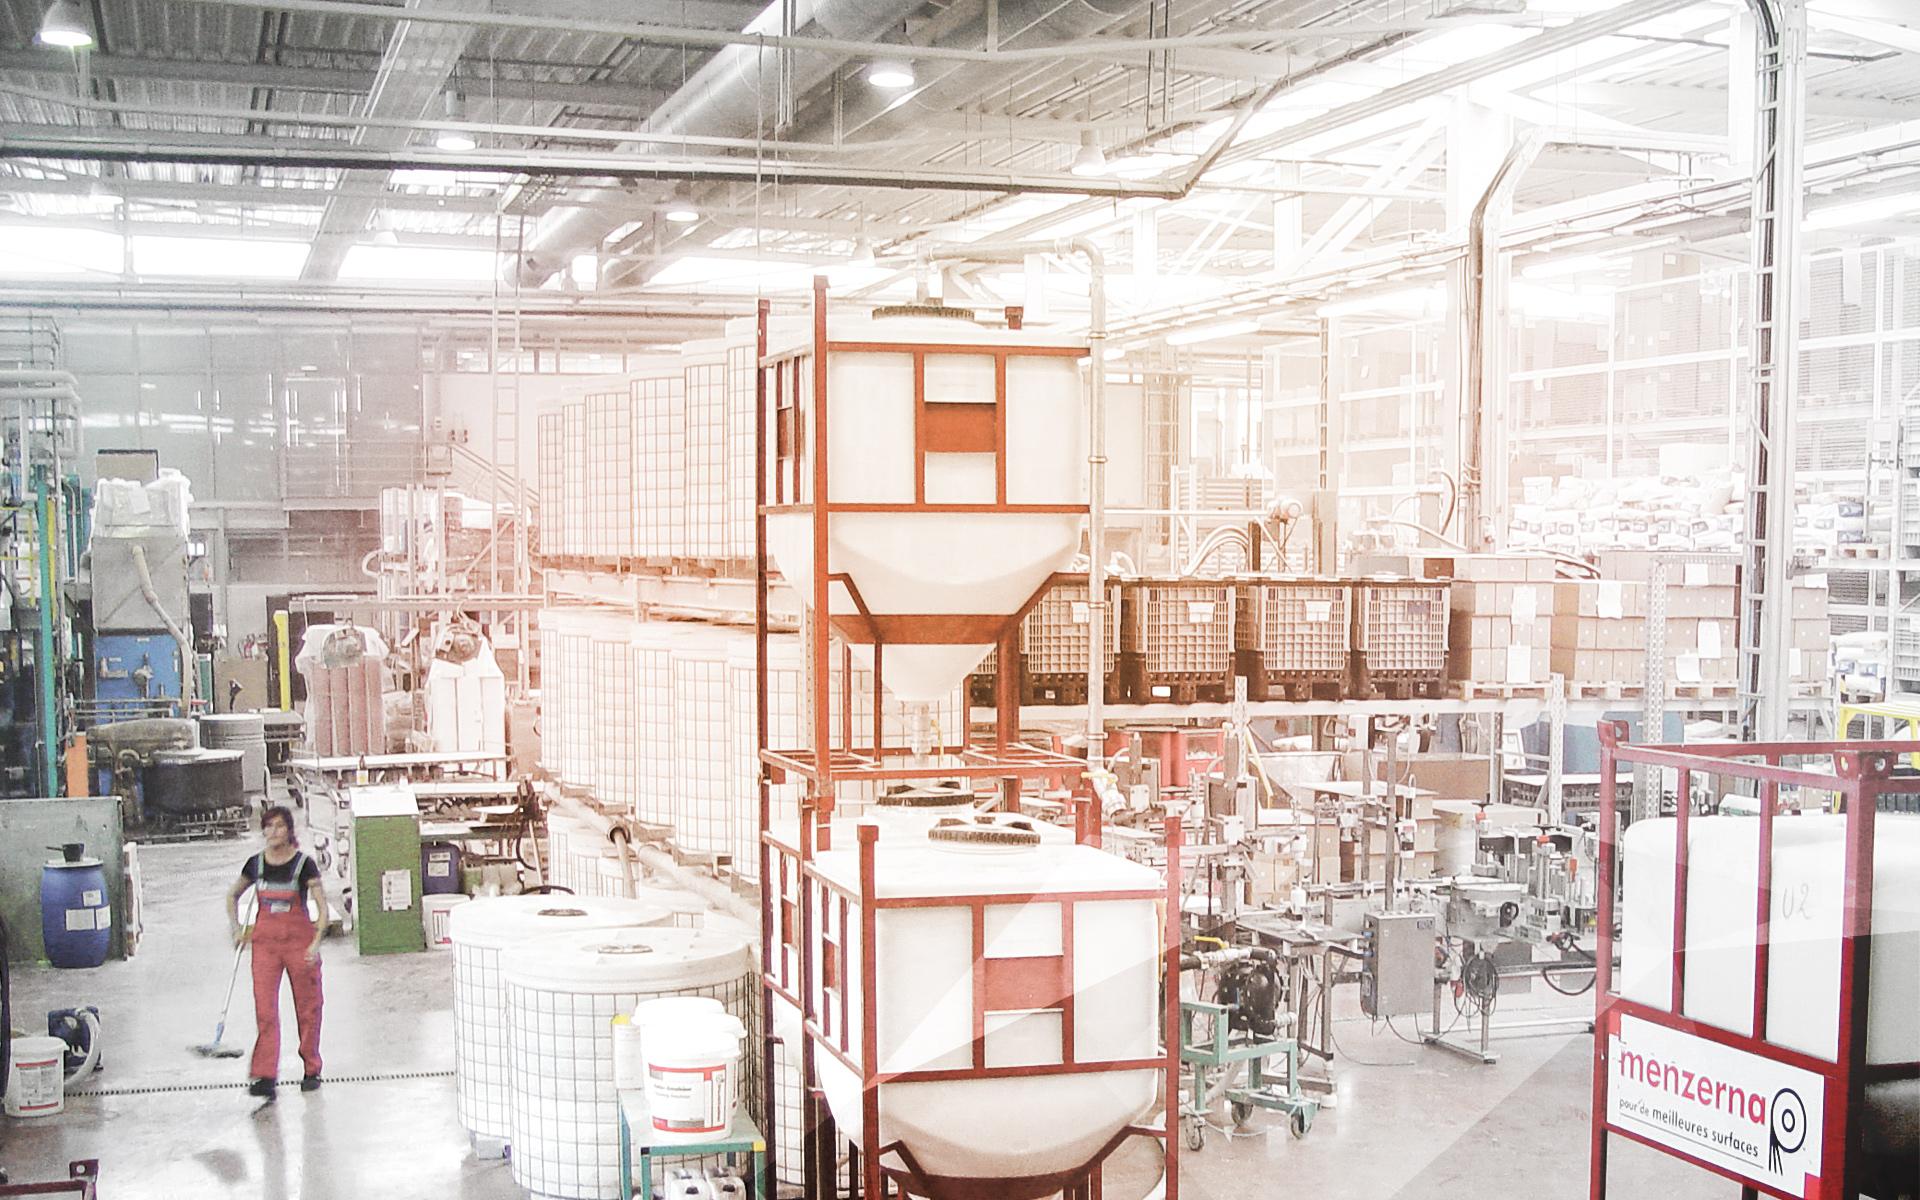 Lagerung von Poliermitteln in Containern mit Spitzboden.